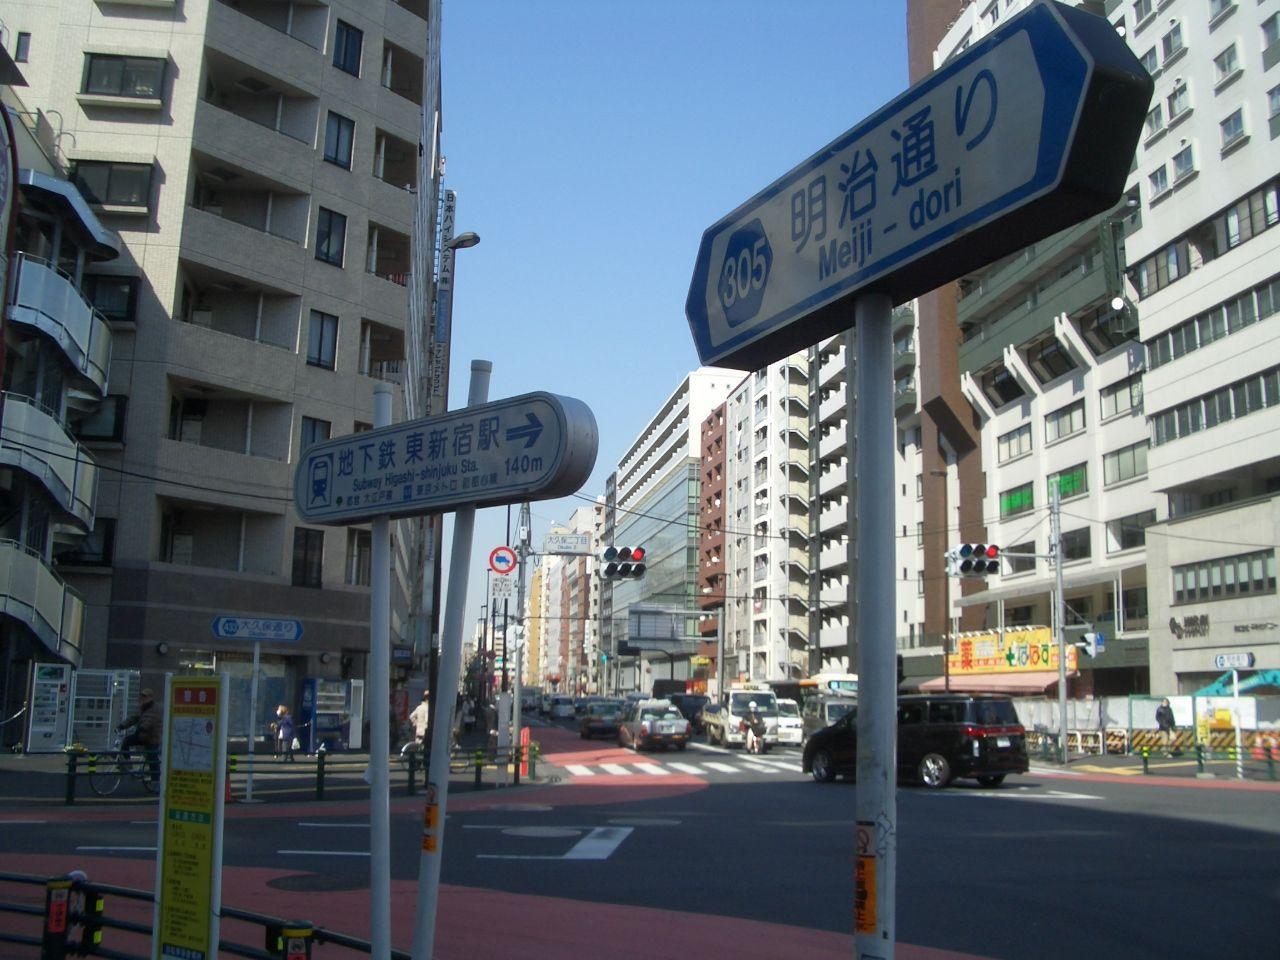 東京都新宿区で立ちんぼを探している男性へ